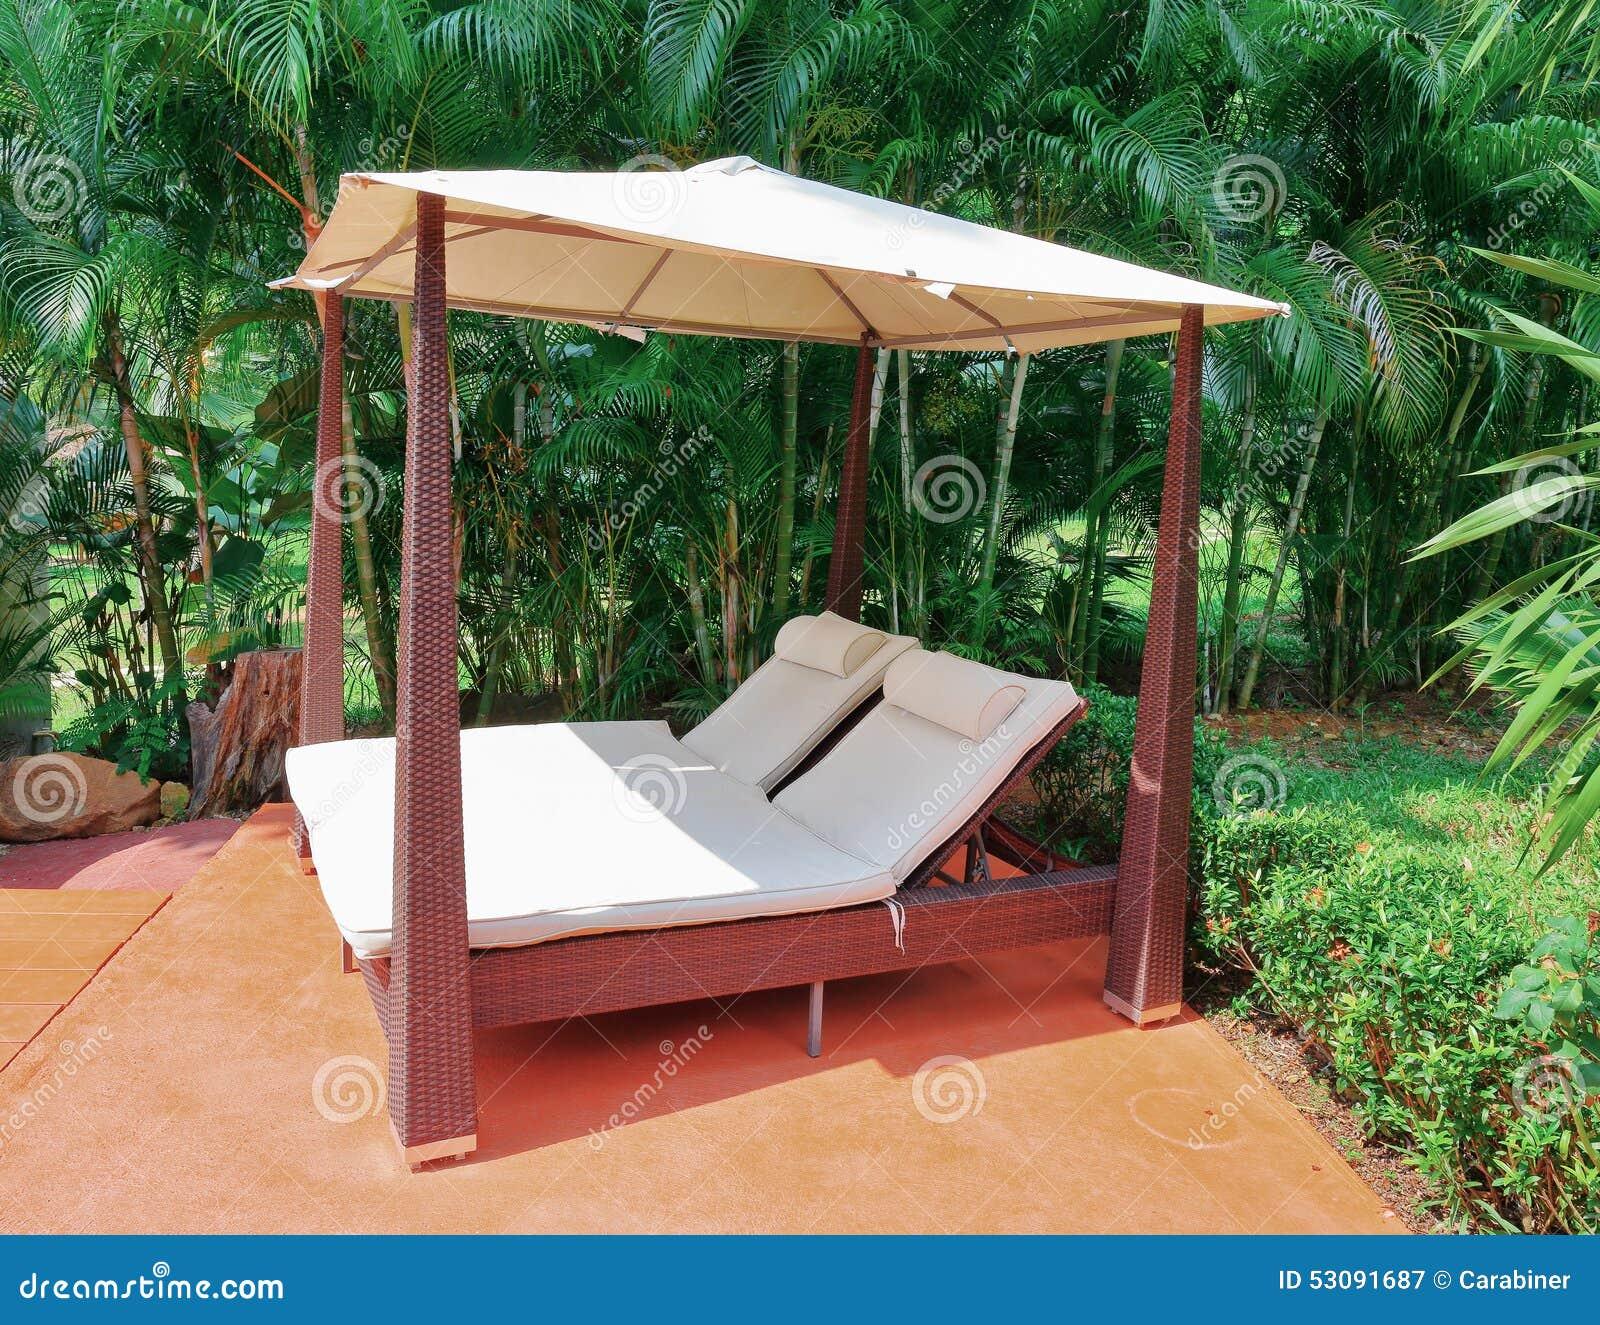 sunchairs unter sonnenschutz im garten stockbild - bild von ferien